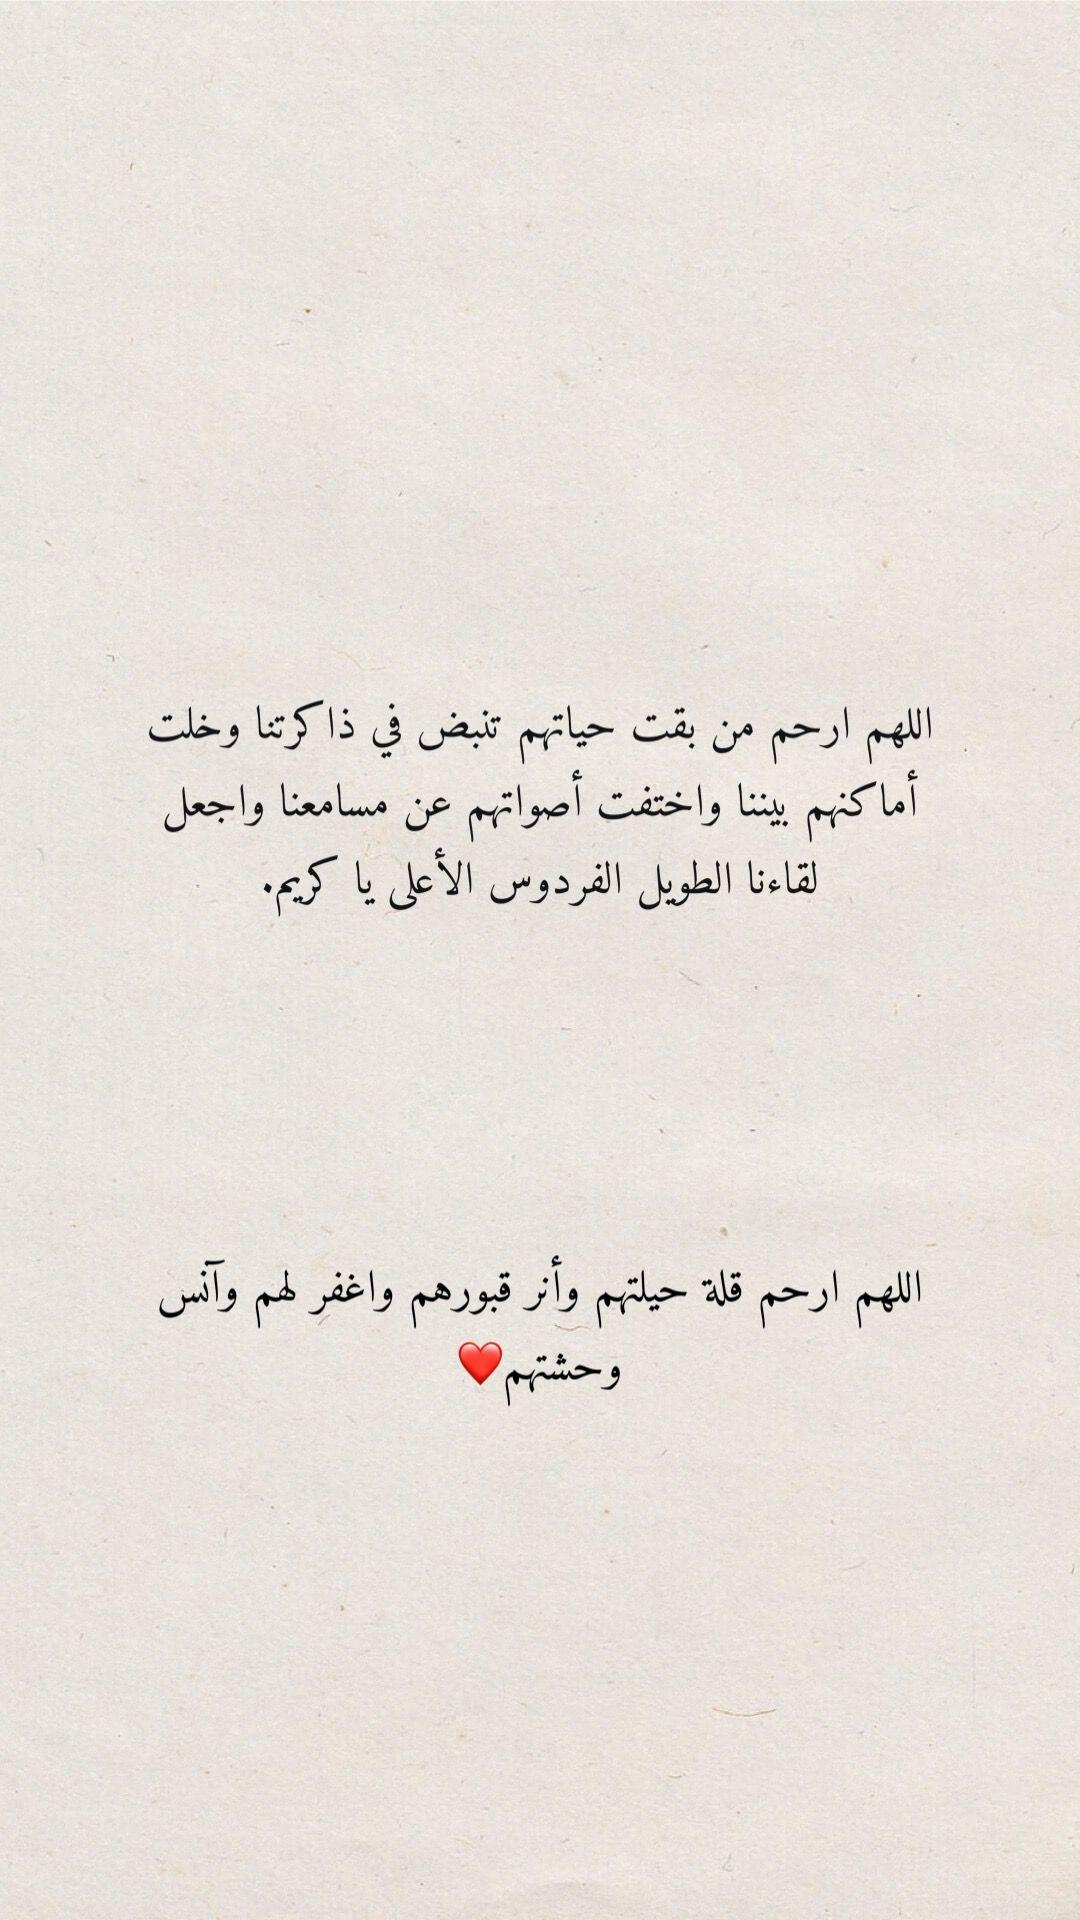 دعاء لصديقتي Quran Quotes Love Quran Quotes Verses Quotes For Book Lovers